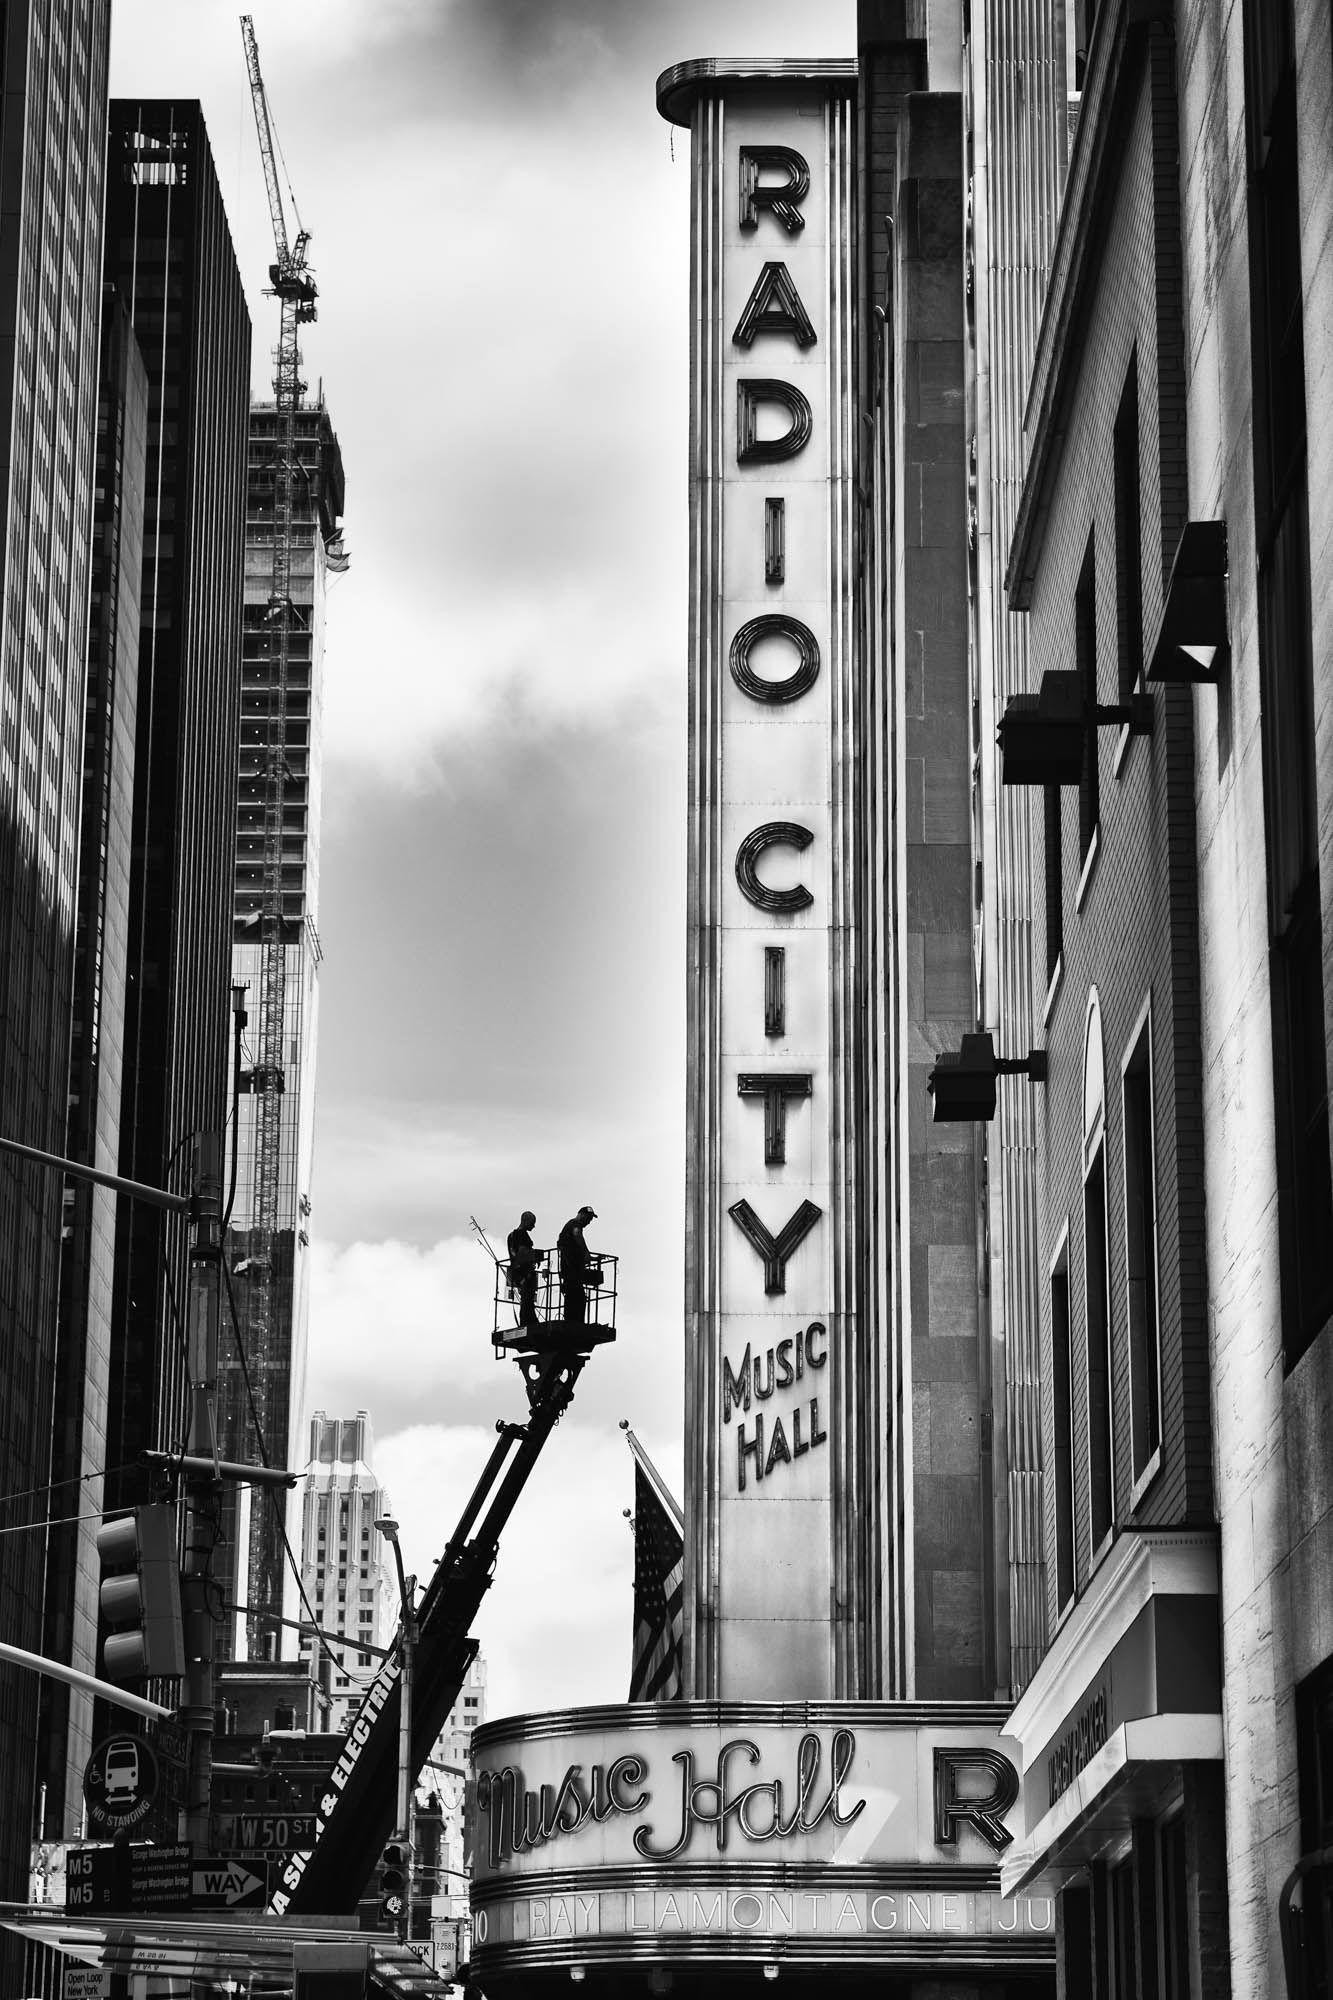 Radio City New York Astheticwallpaperiphoneblack Black And White Aesthetic Black And White Pictures Black And White Photo Wall